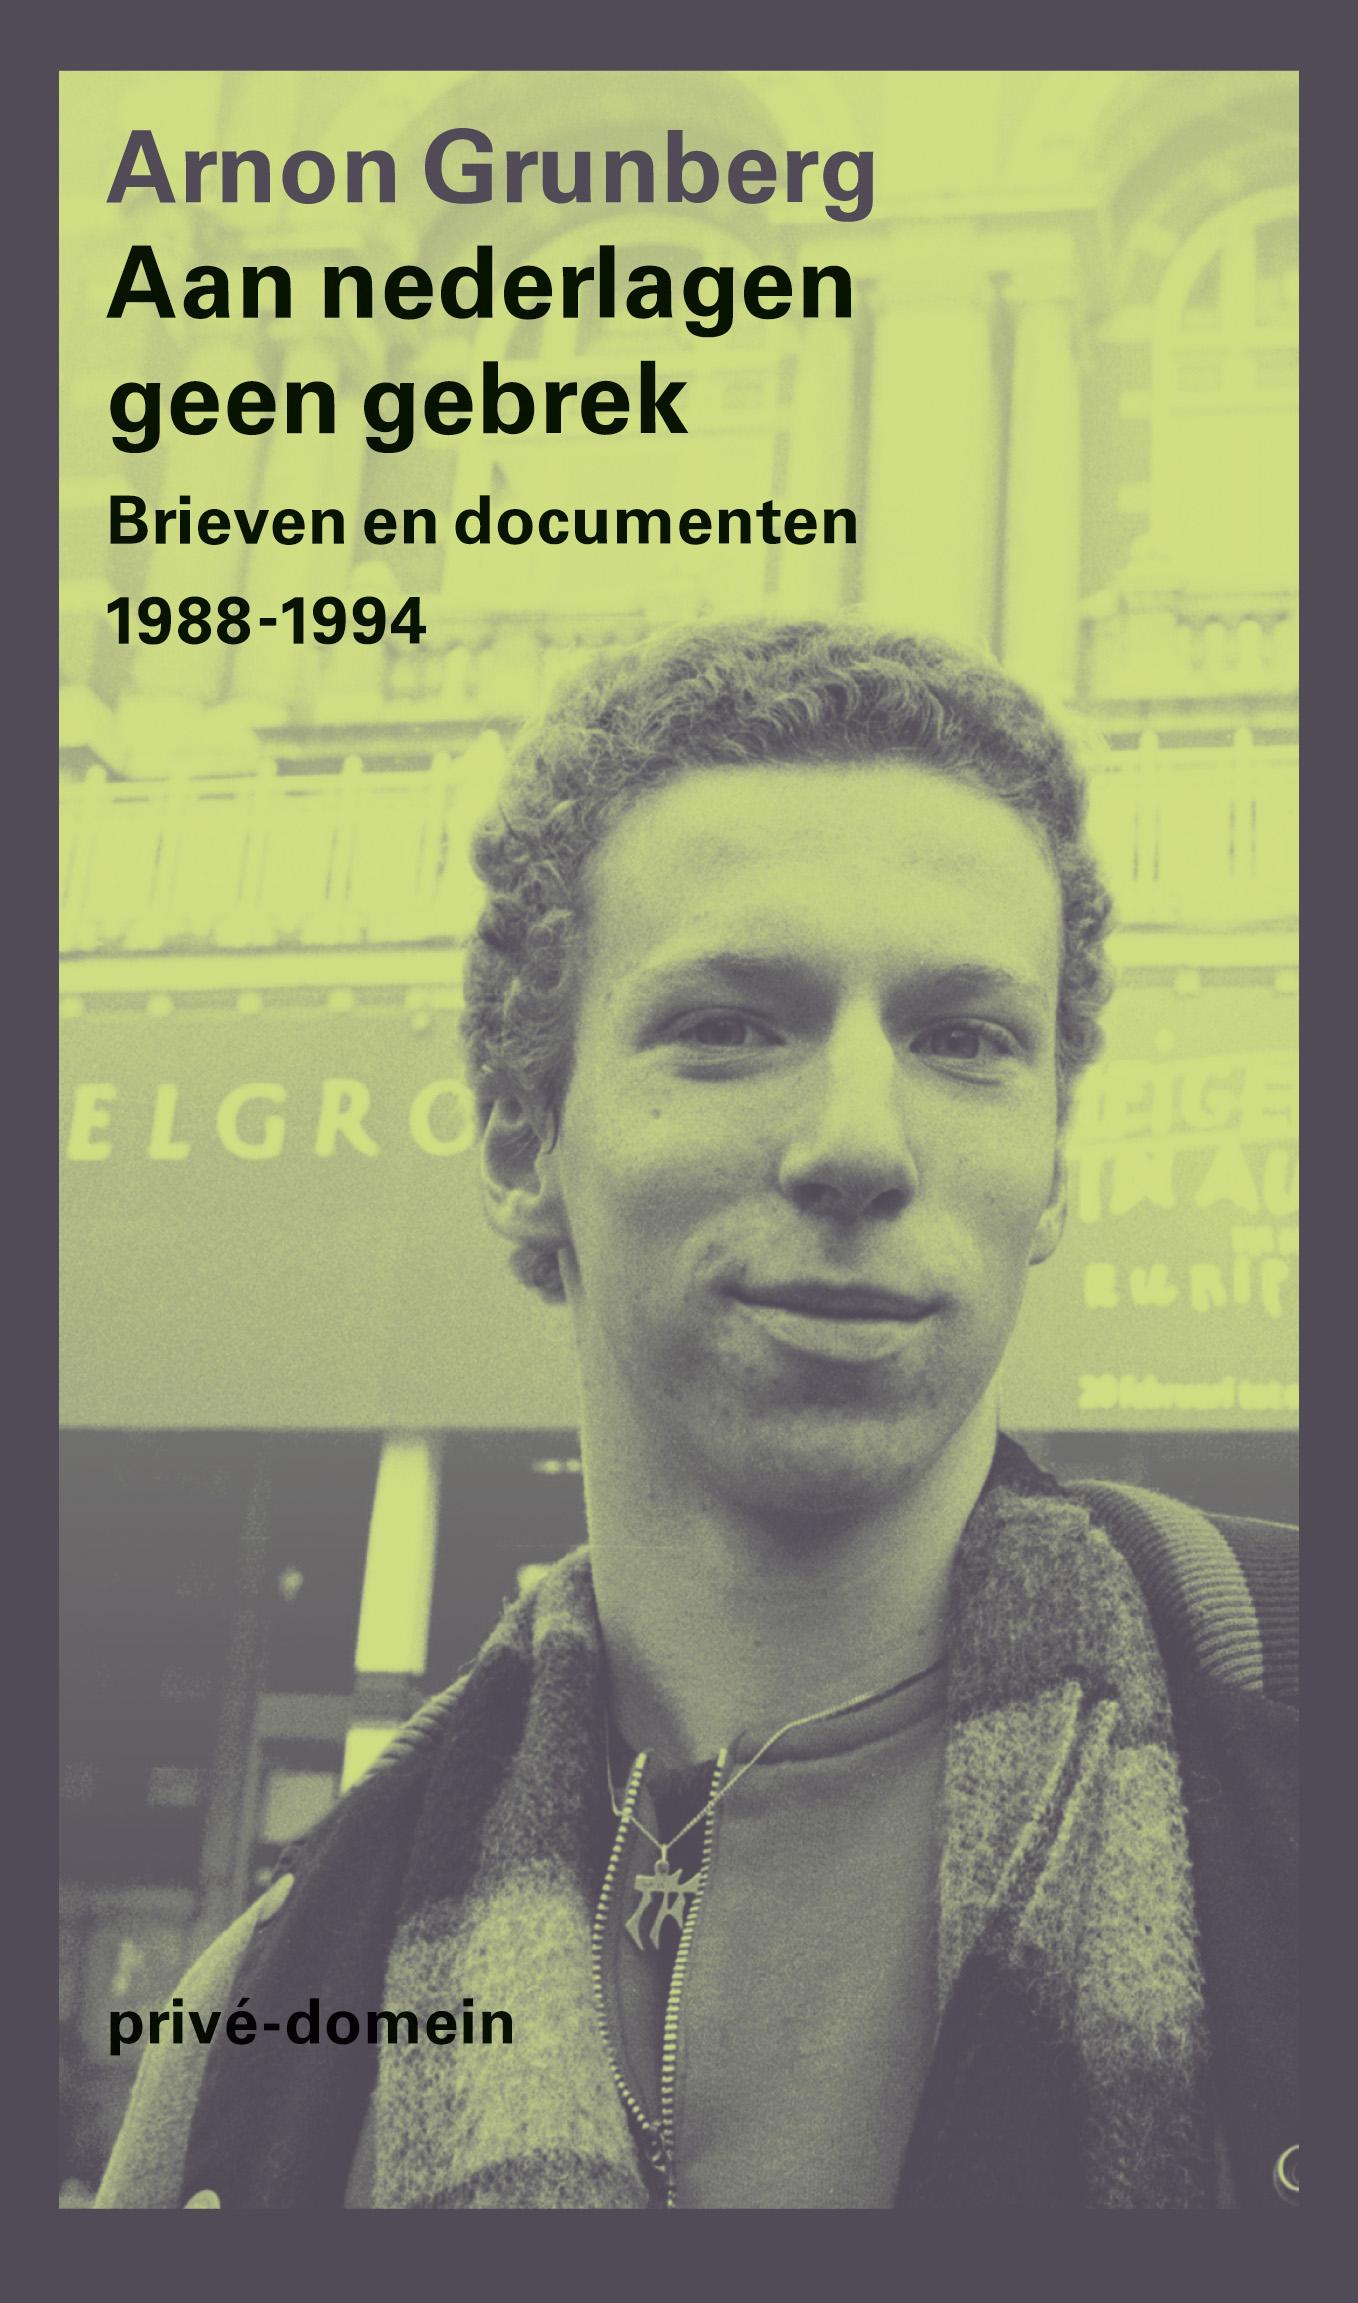 Arnon Grunberg - Aan nederlagen geen gebrek brieven en documenten 1988-1994